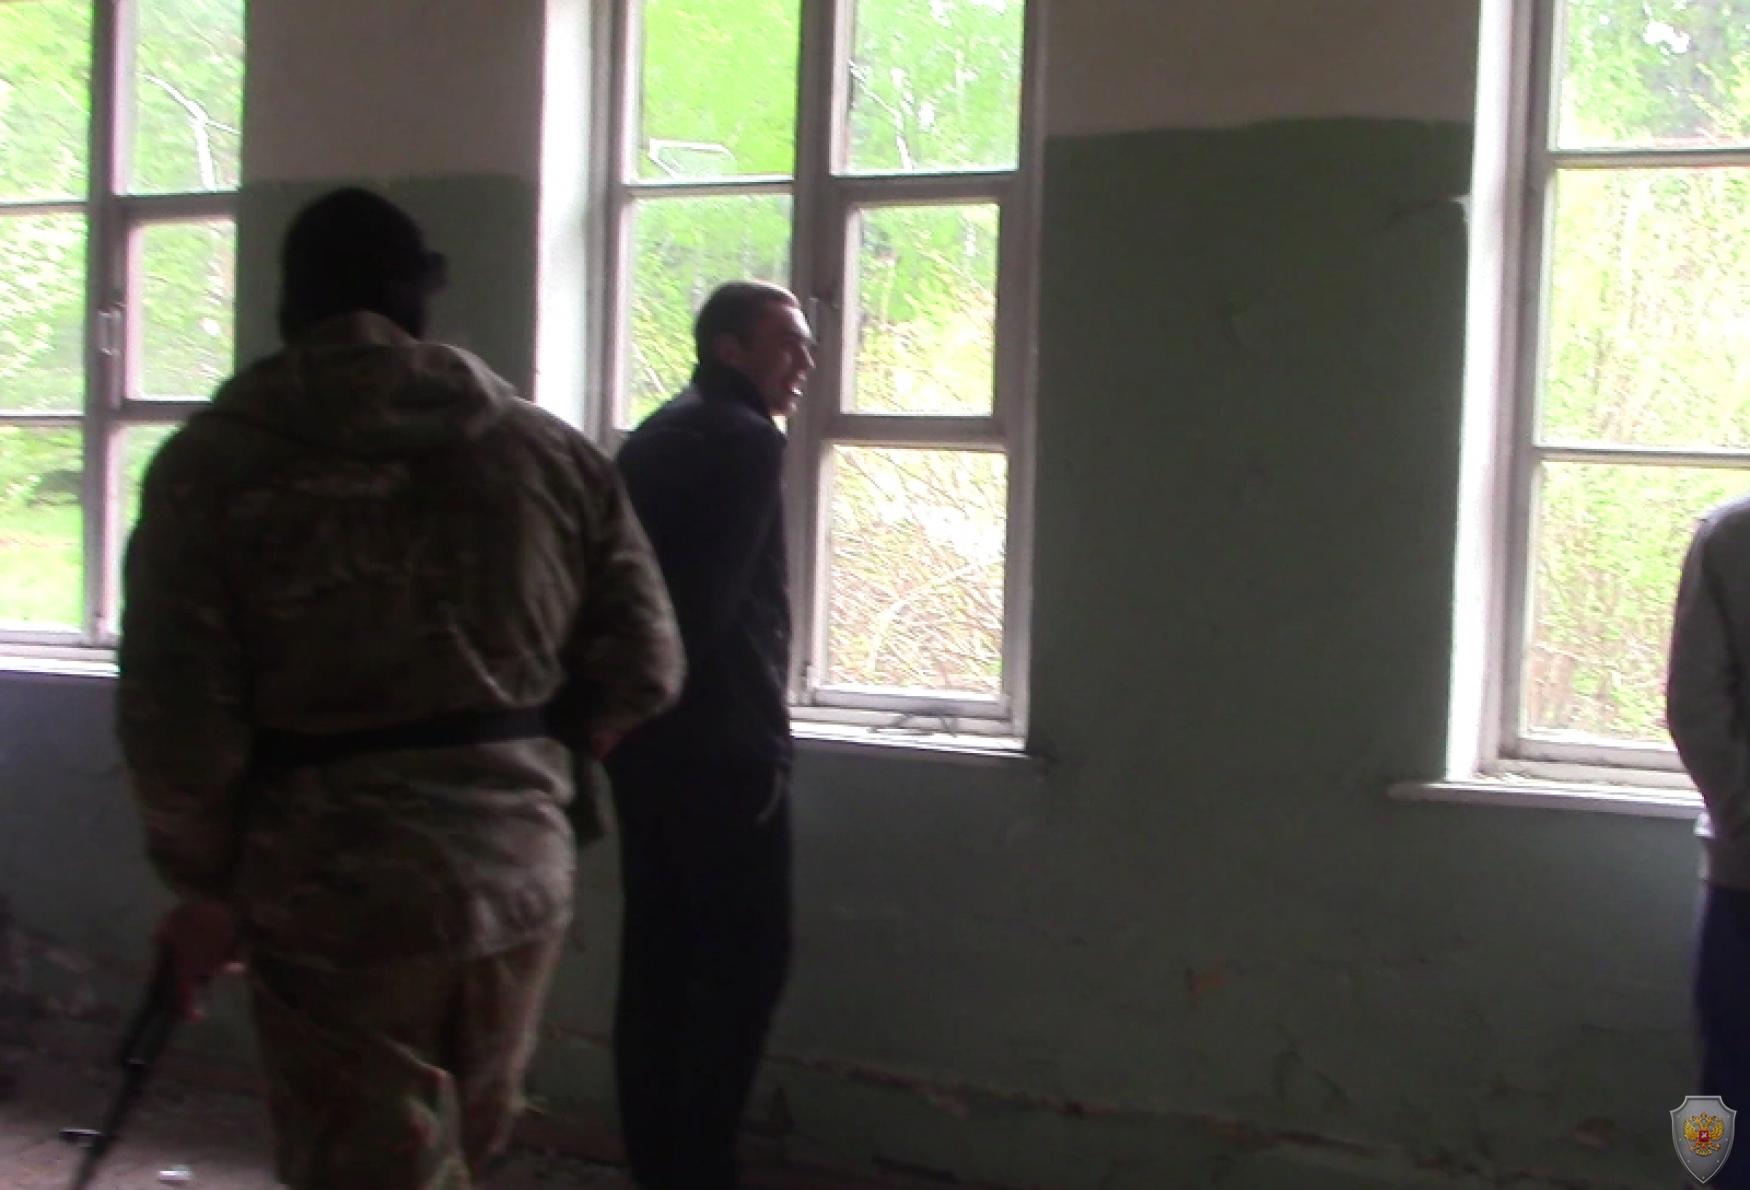 «Террорист» расставляет «заложников» у простреливаемых окон здания